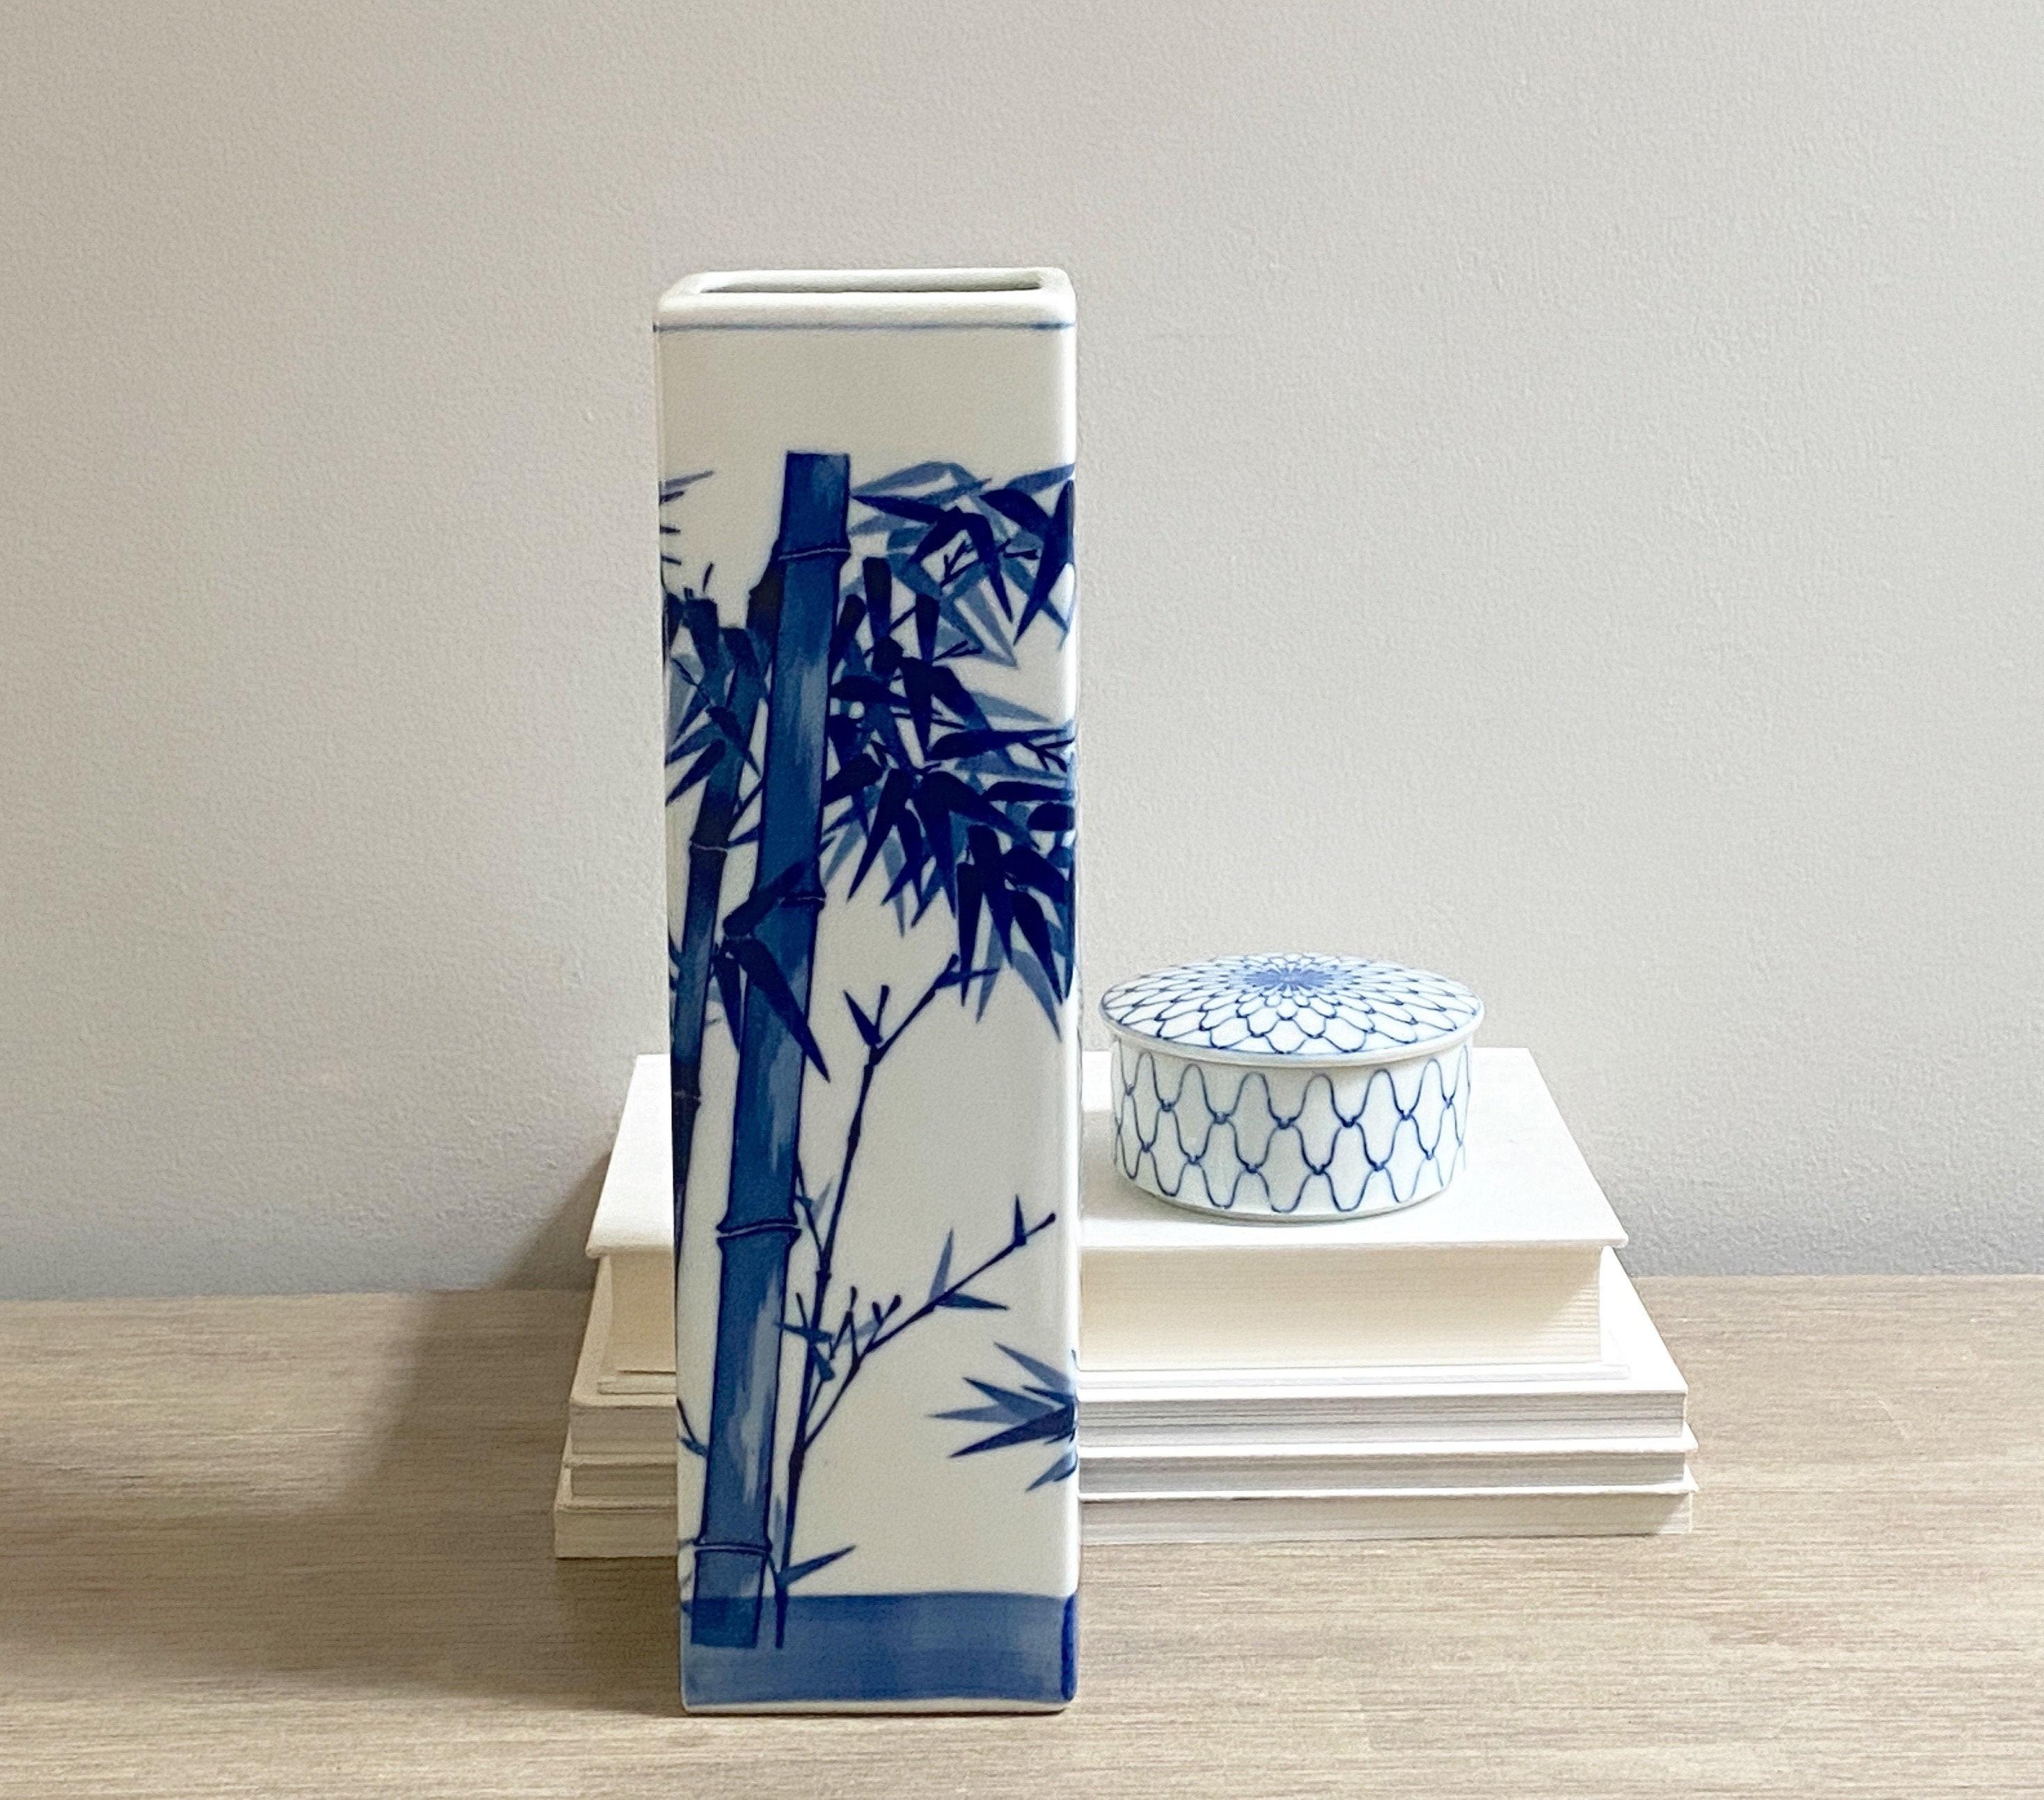 Asian Porcelain Vase Blue White Bamboo Stalk Design Japanese Decor